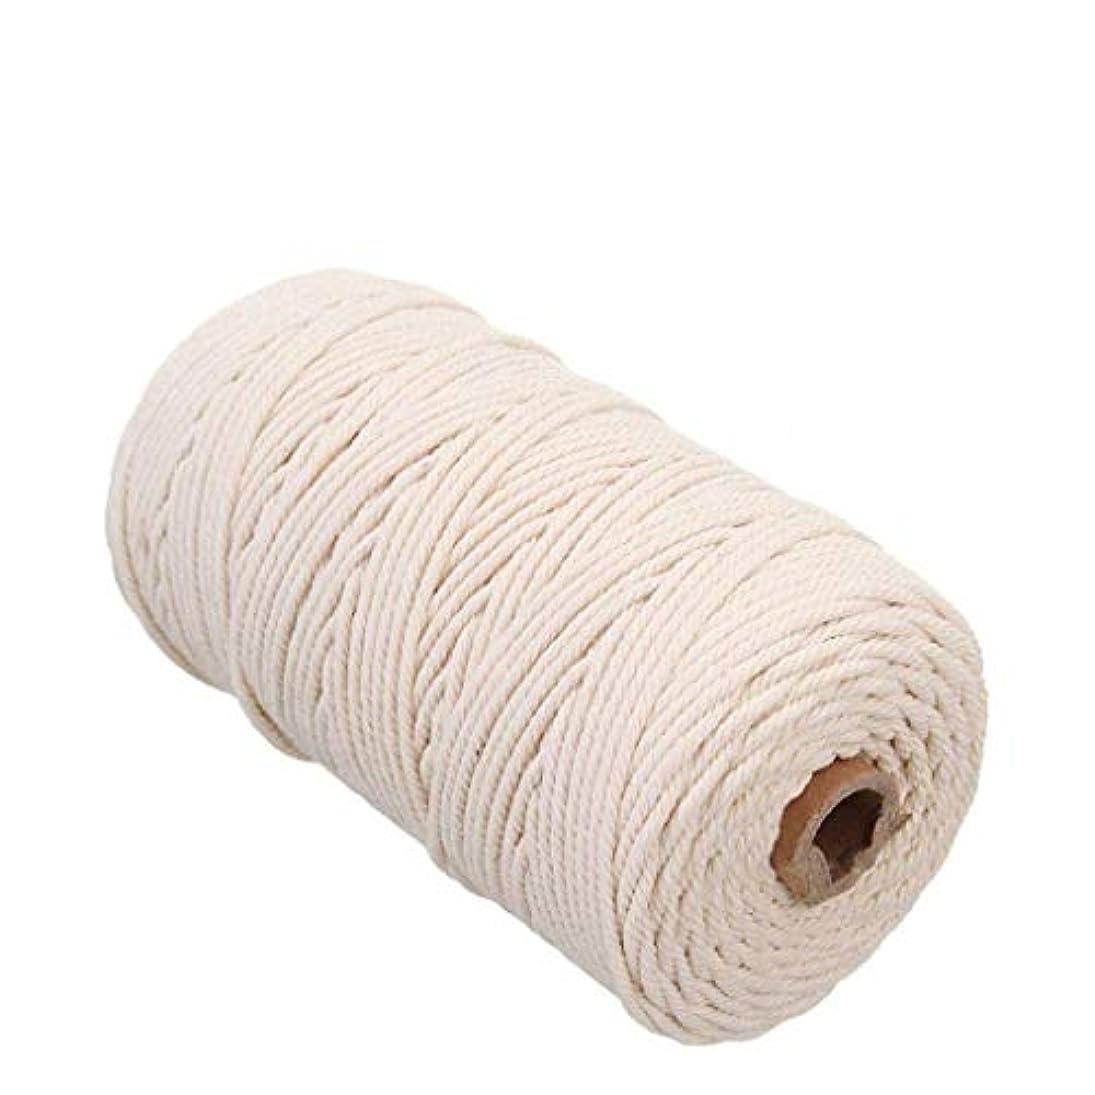 主に平行原子手作りコットン糸 編み 天然コード 紐 綿糸ロープ 壁掛けロープナチュラルカラーニット製造プラントハンガー?クラフト 2mm x 200m (ライスホワイト)